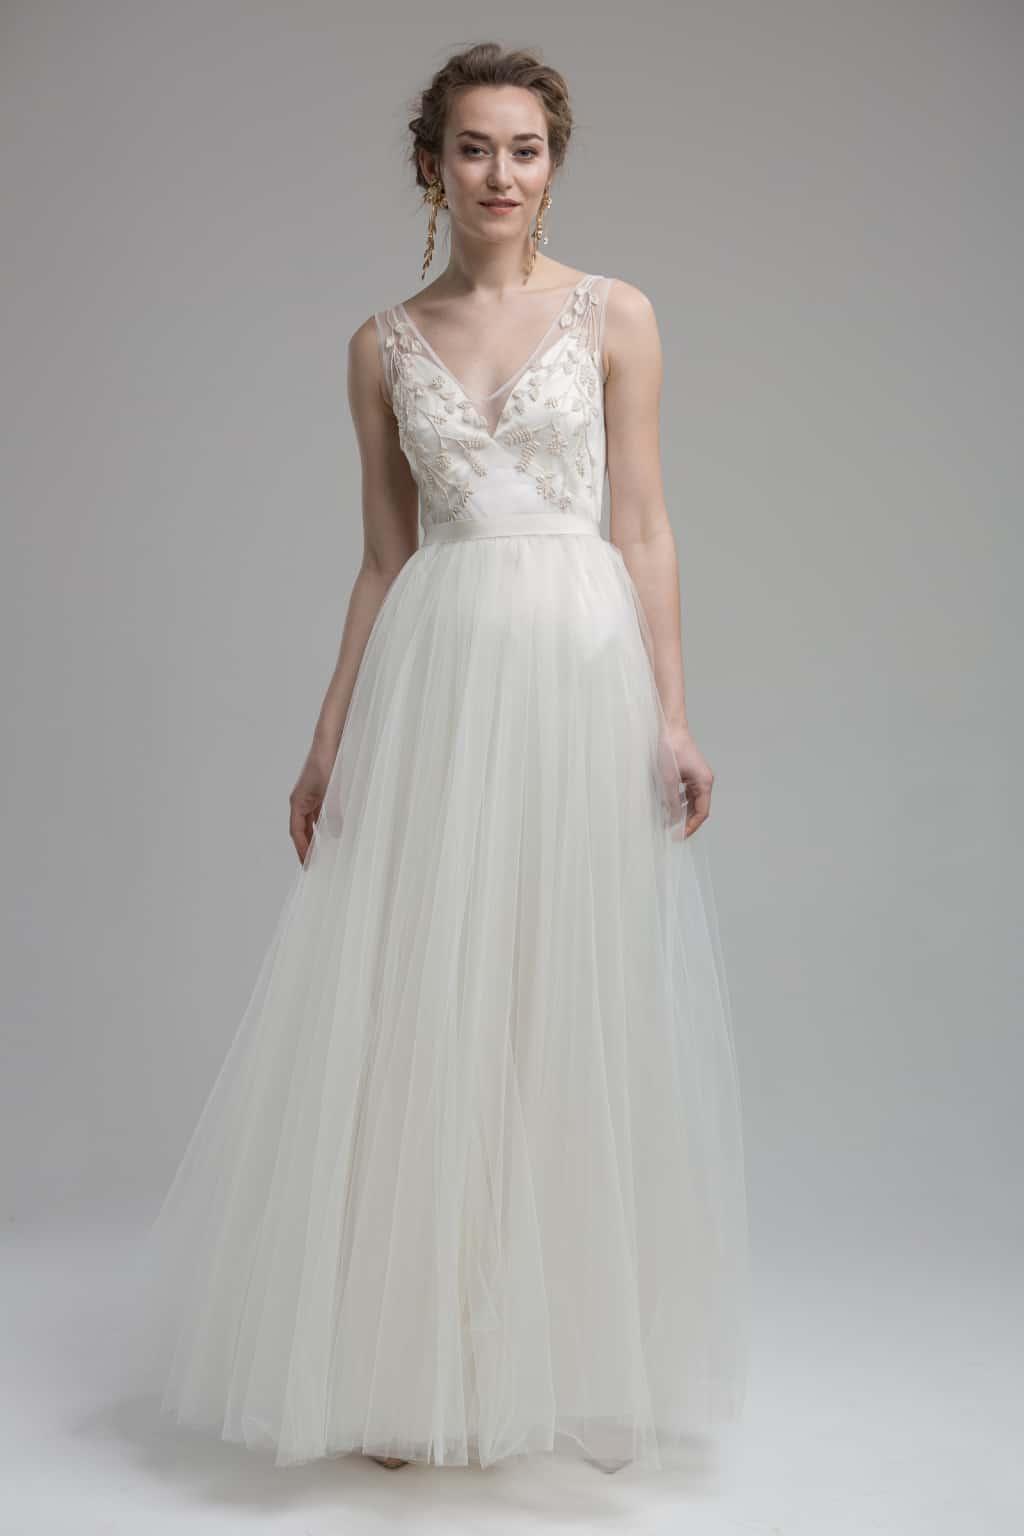 Lille - romantisches 2in1 Brautkleid aus weichem Tüll und mit filigraner Handstickerei.